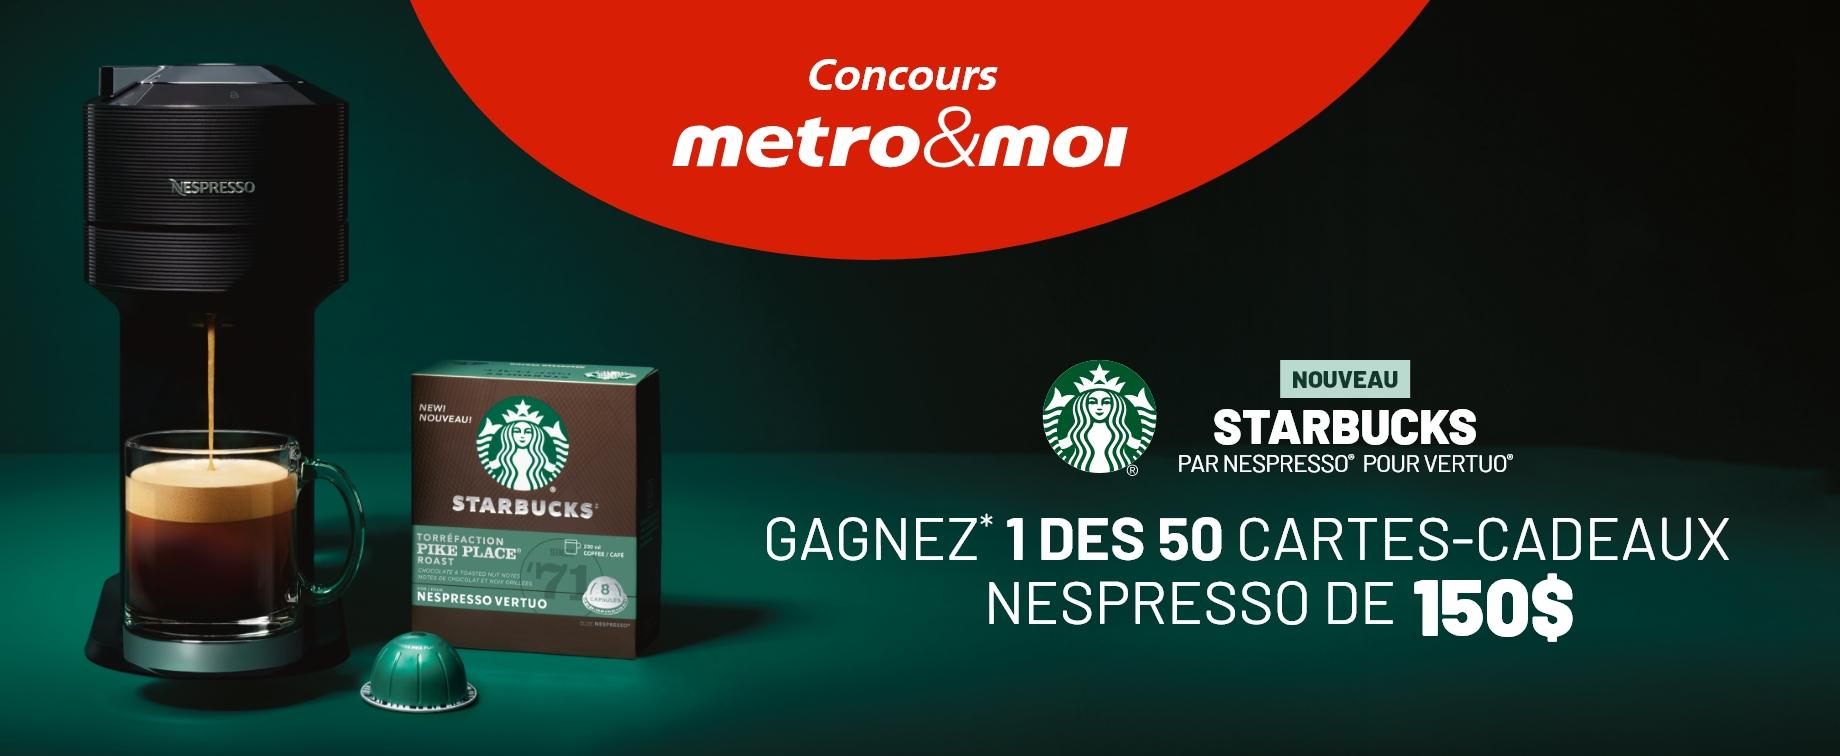 carte cadeau nespresso concours metro